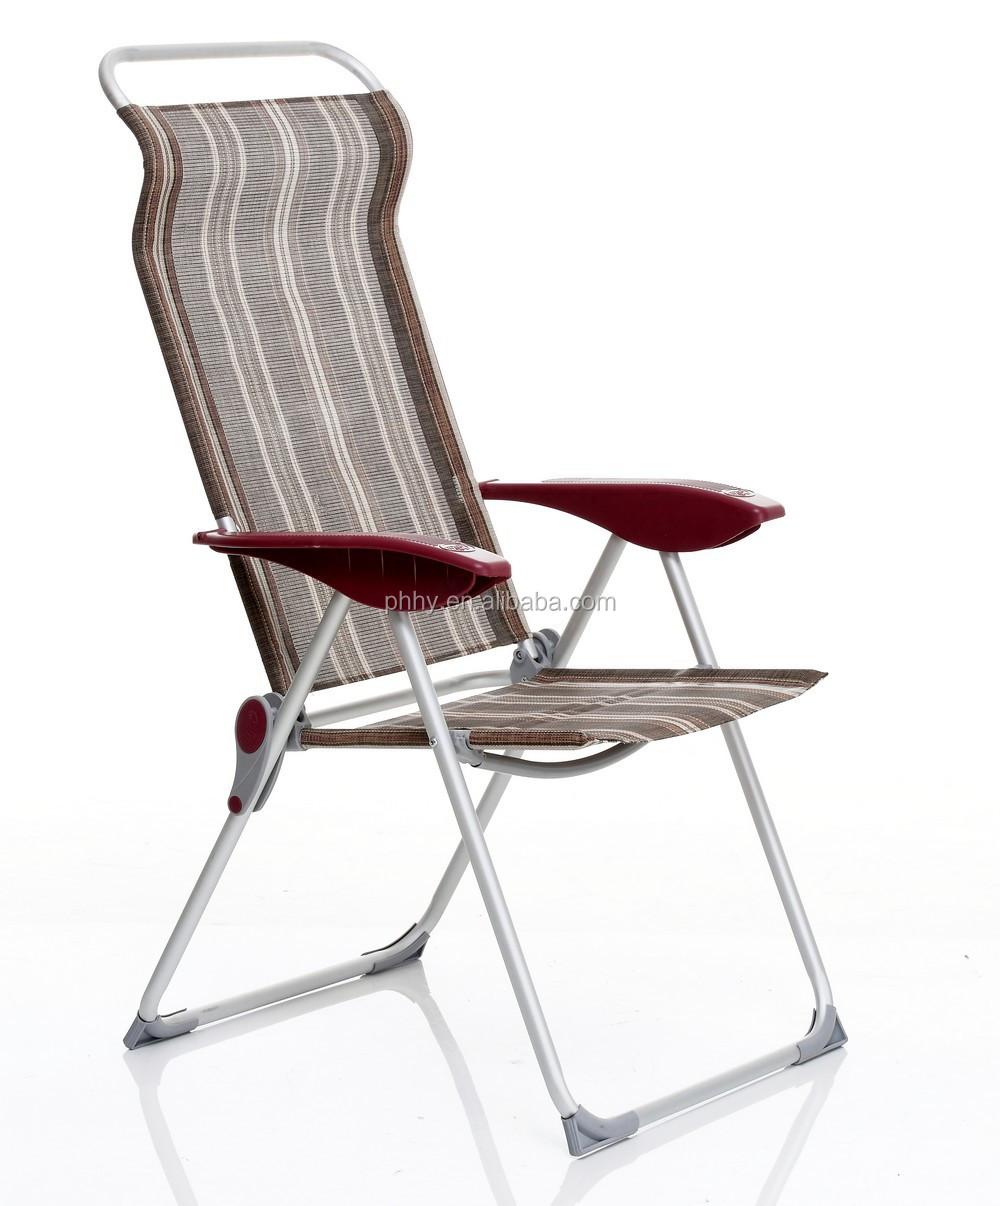 Aluminum Folding Beach Chair With 3 Position Plastic Armrest Buy Chaise